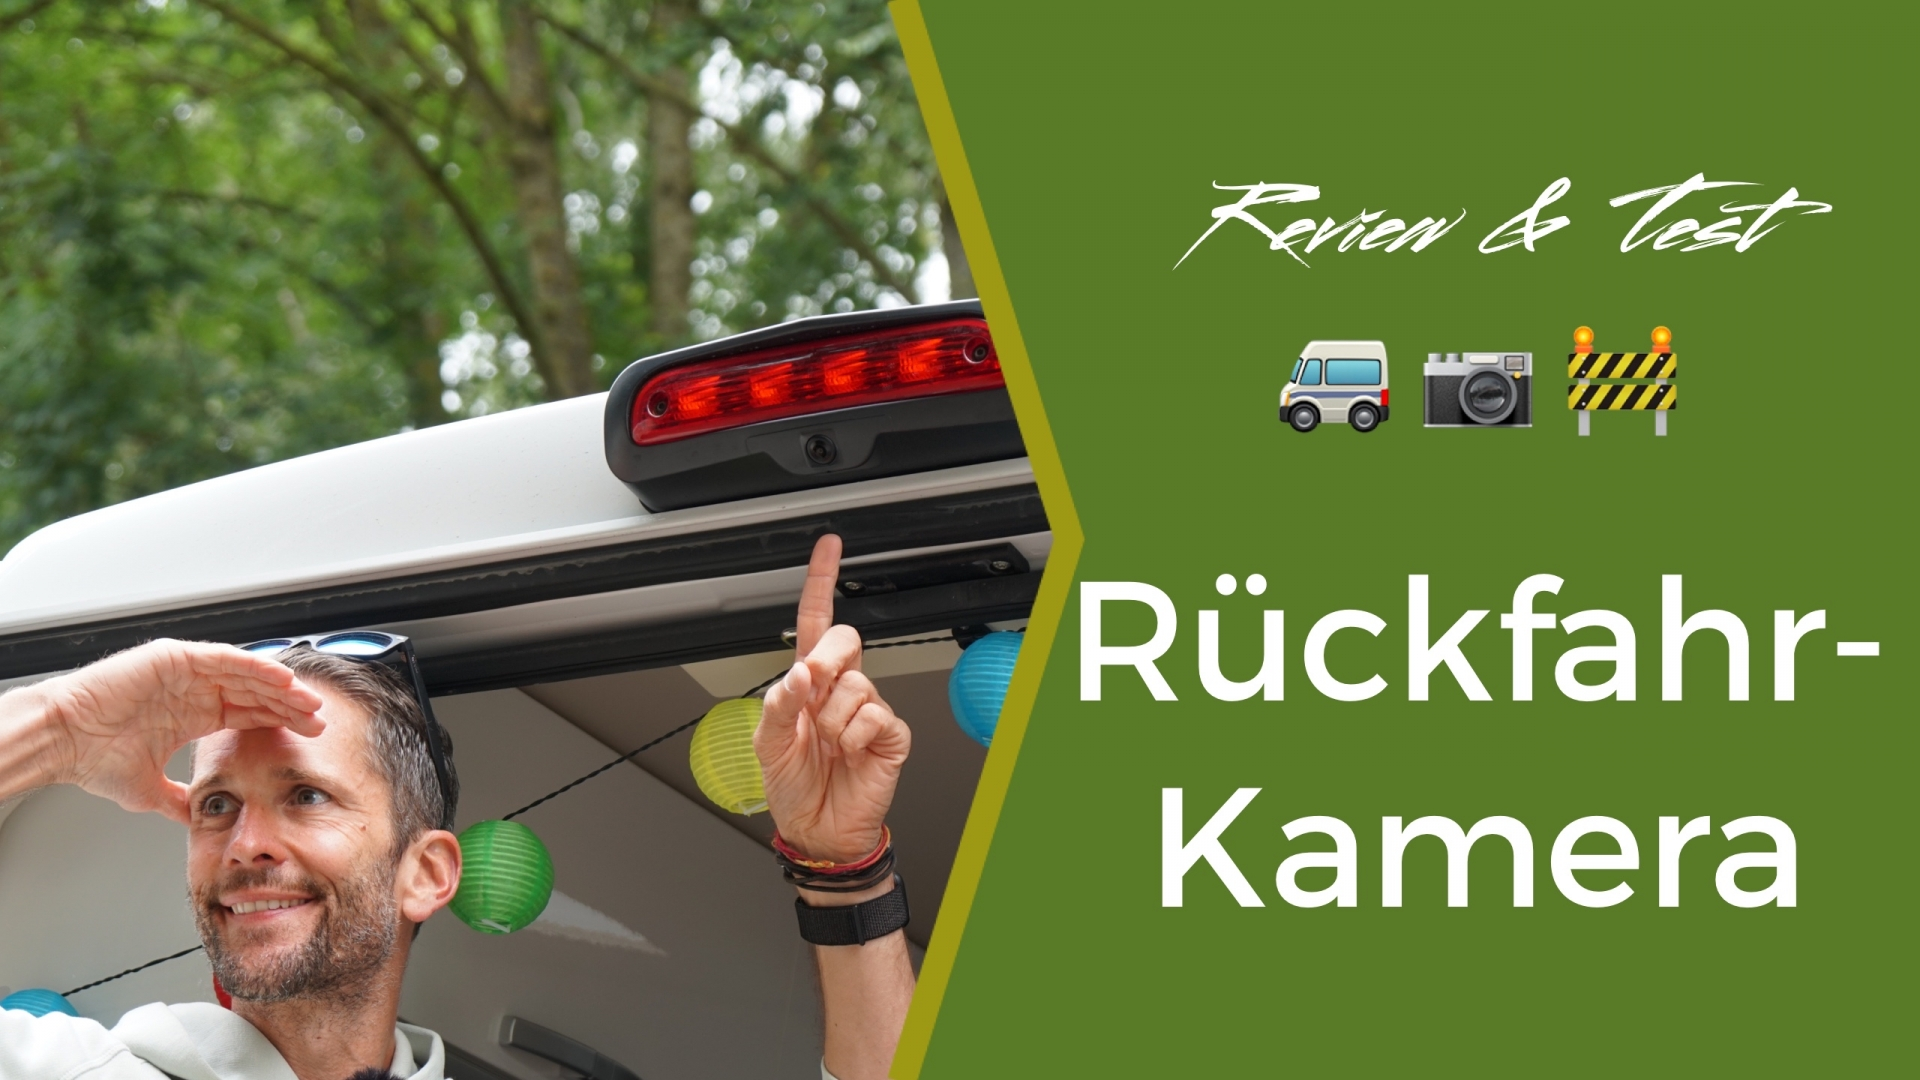 fan4van testet Wohnmobil Rückfahrkameras